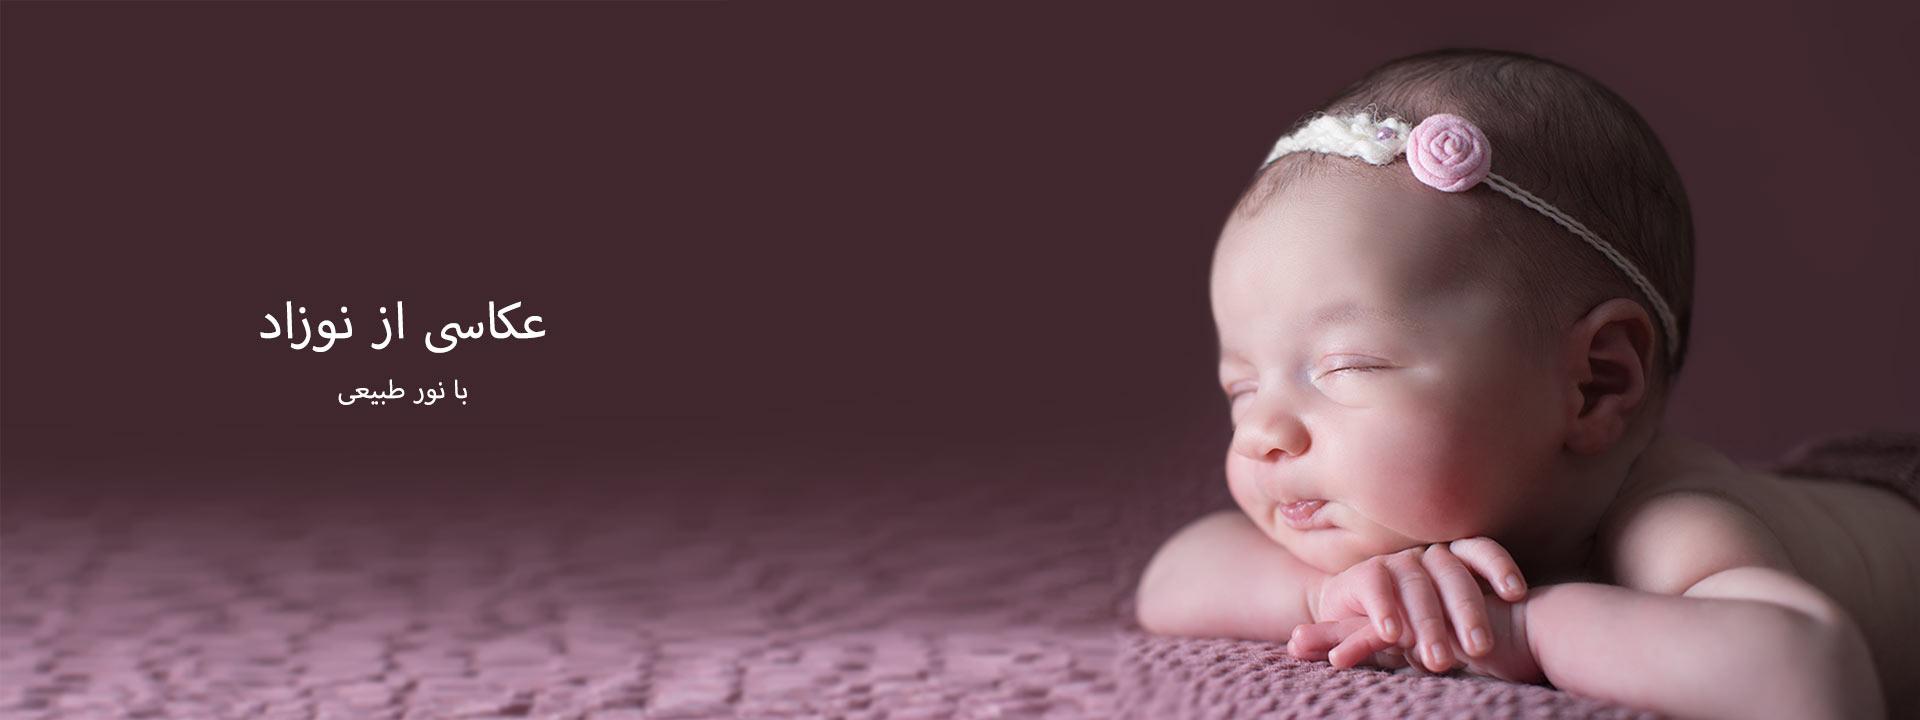 اسلاید-عکاس-نوزاد- 2نور-طبیعی